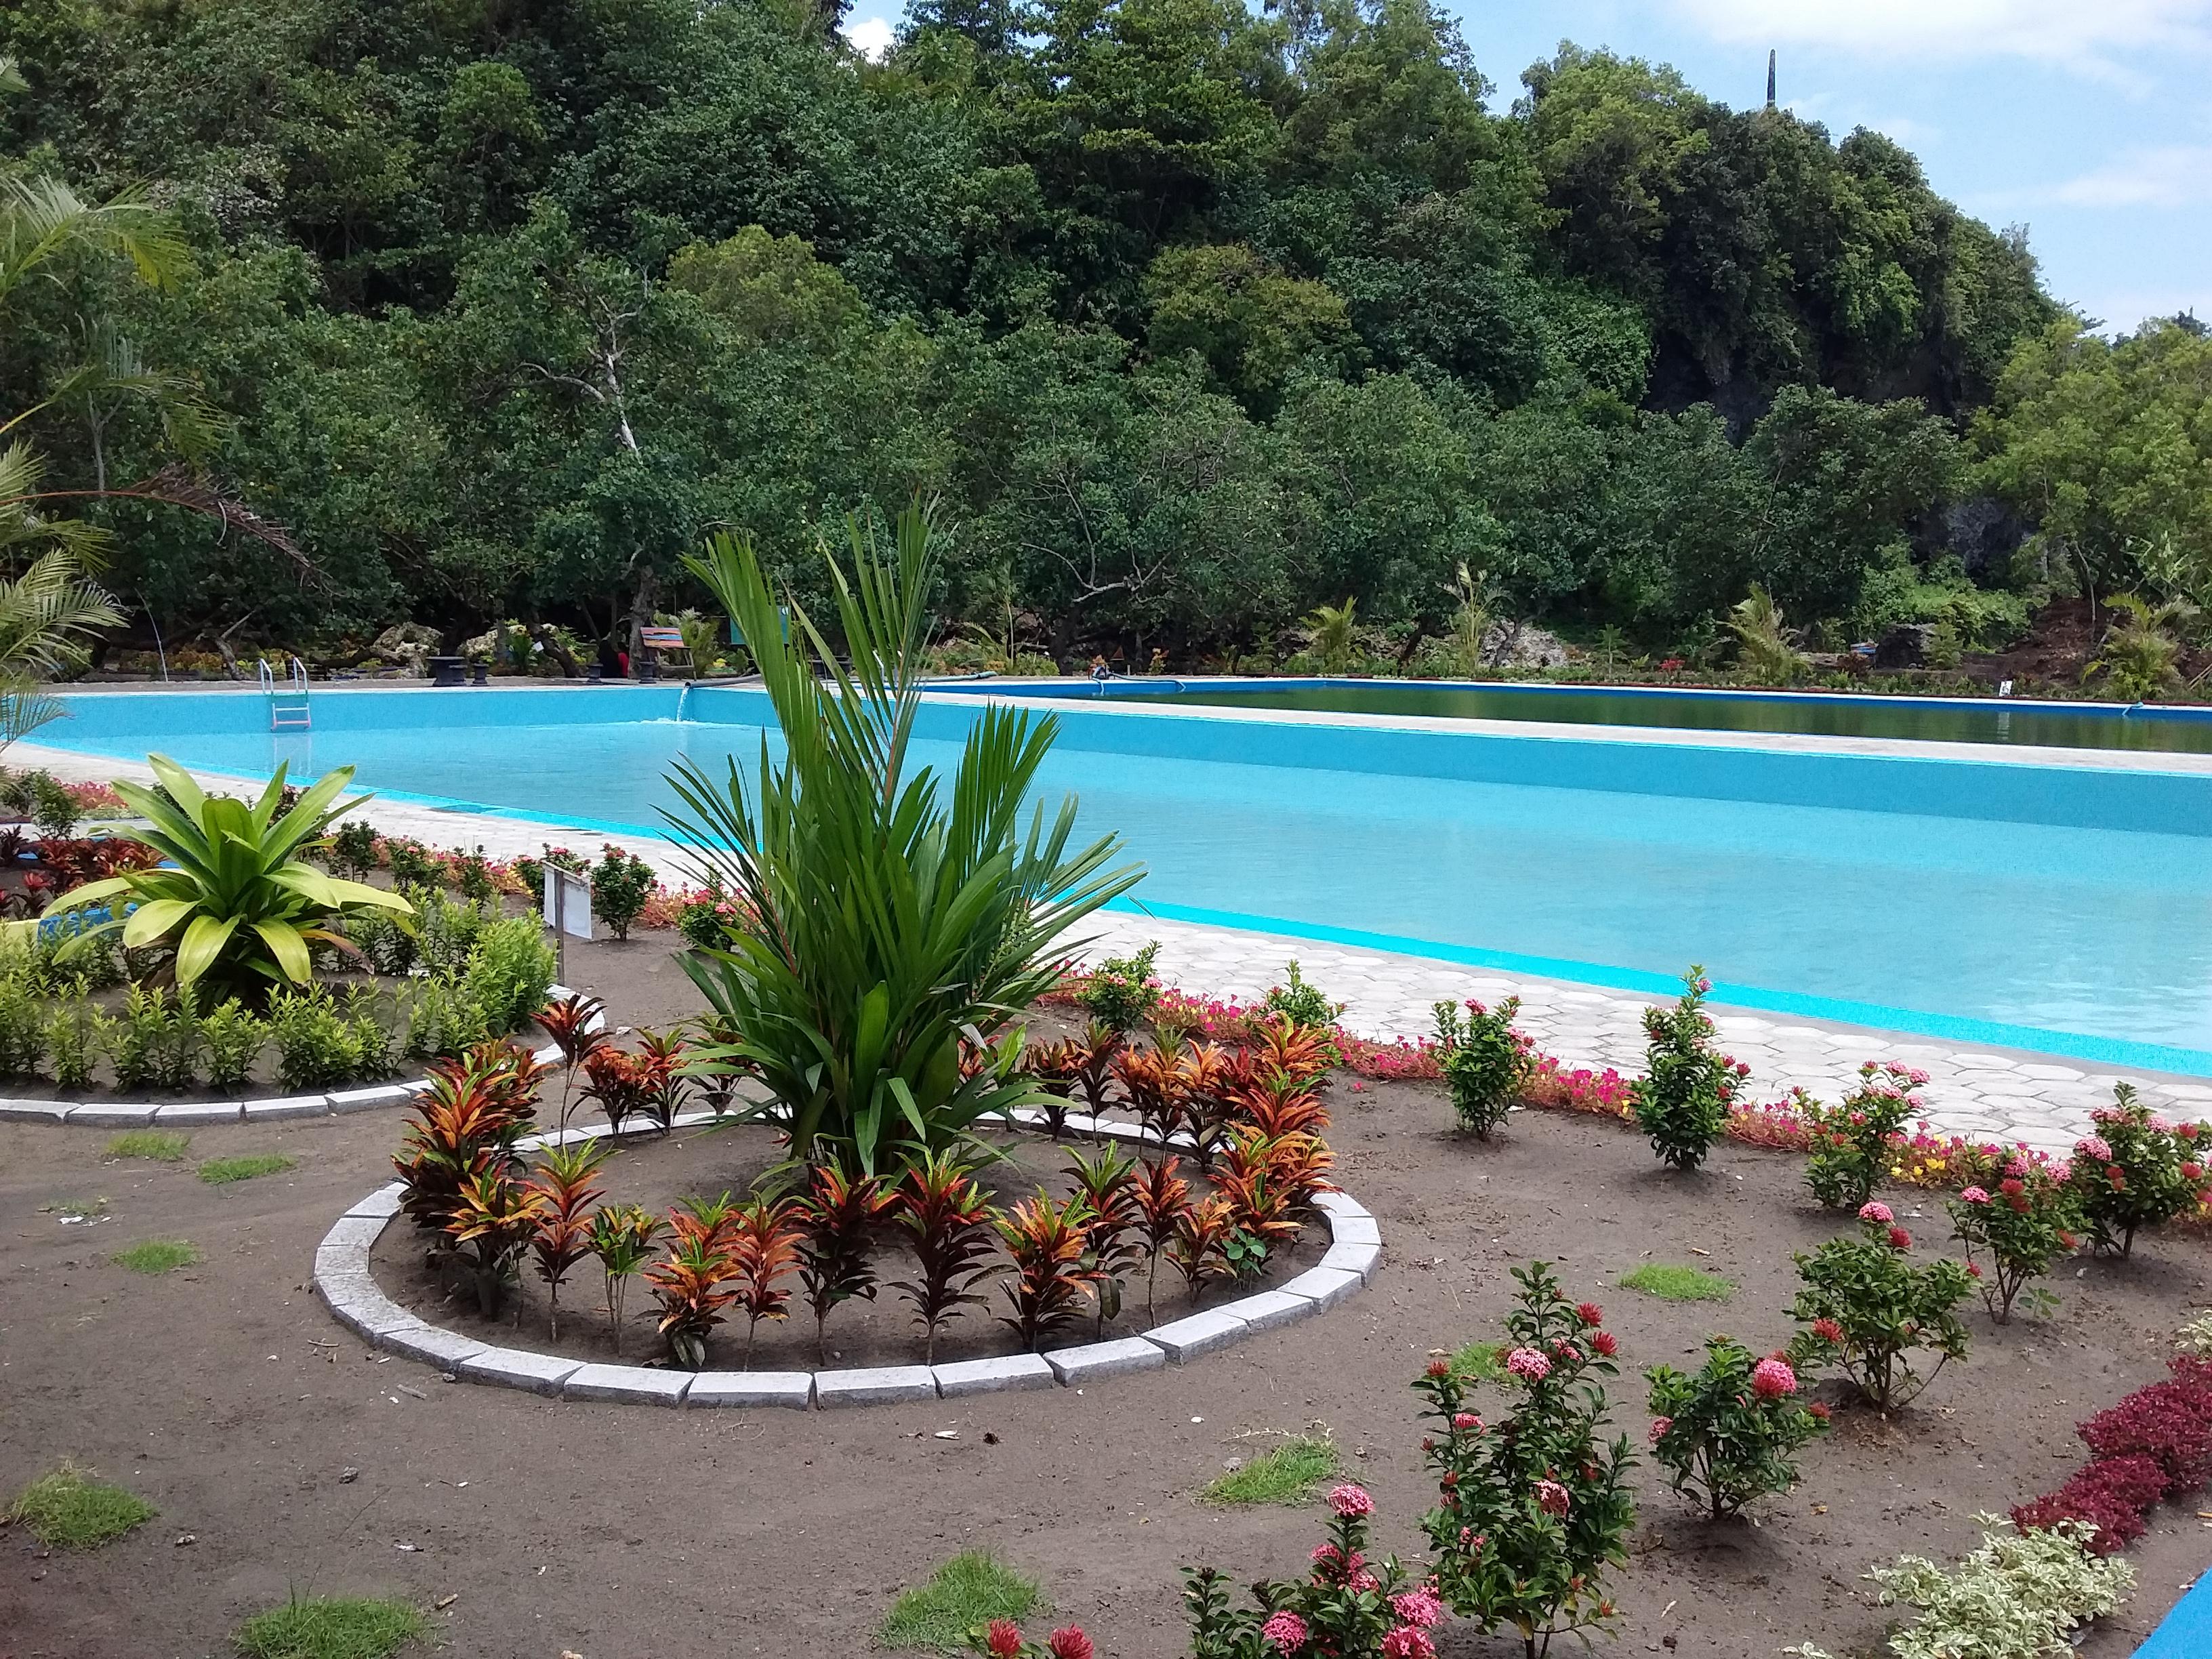 Taman Selfie Kolam Renang Tirta Kencana Lengkapi Wisata Pantai Sodong